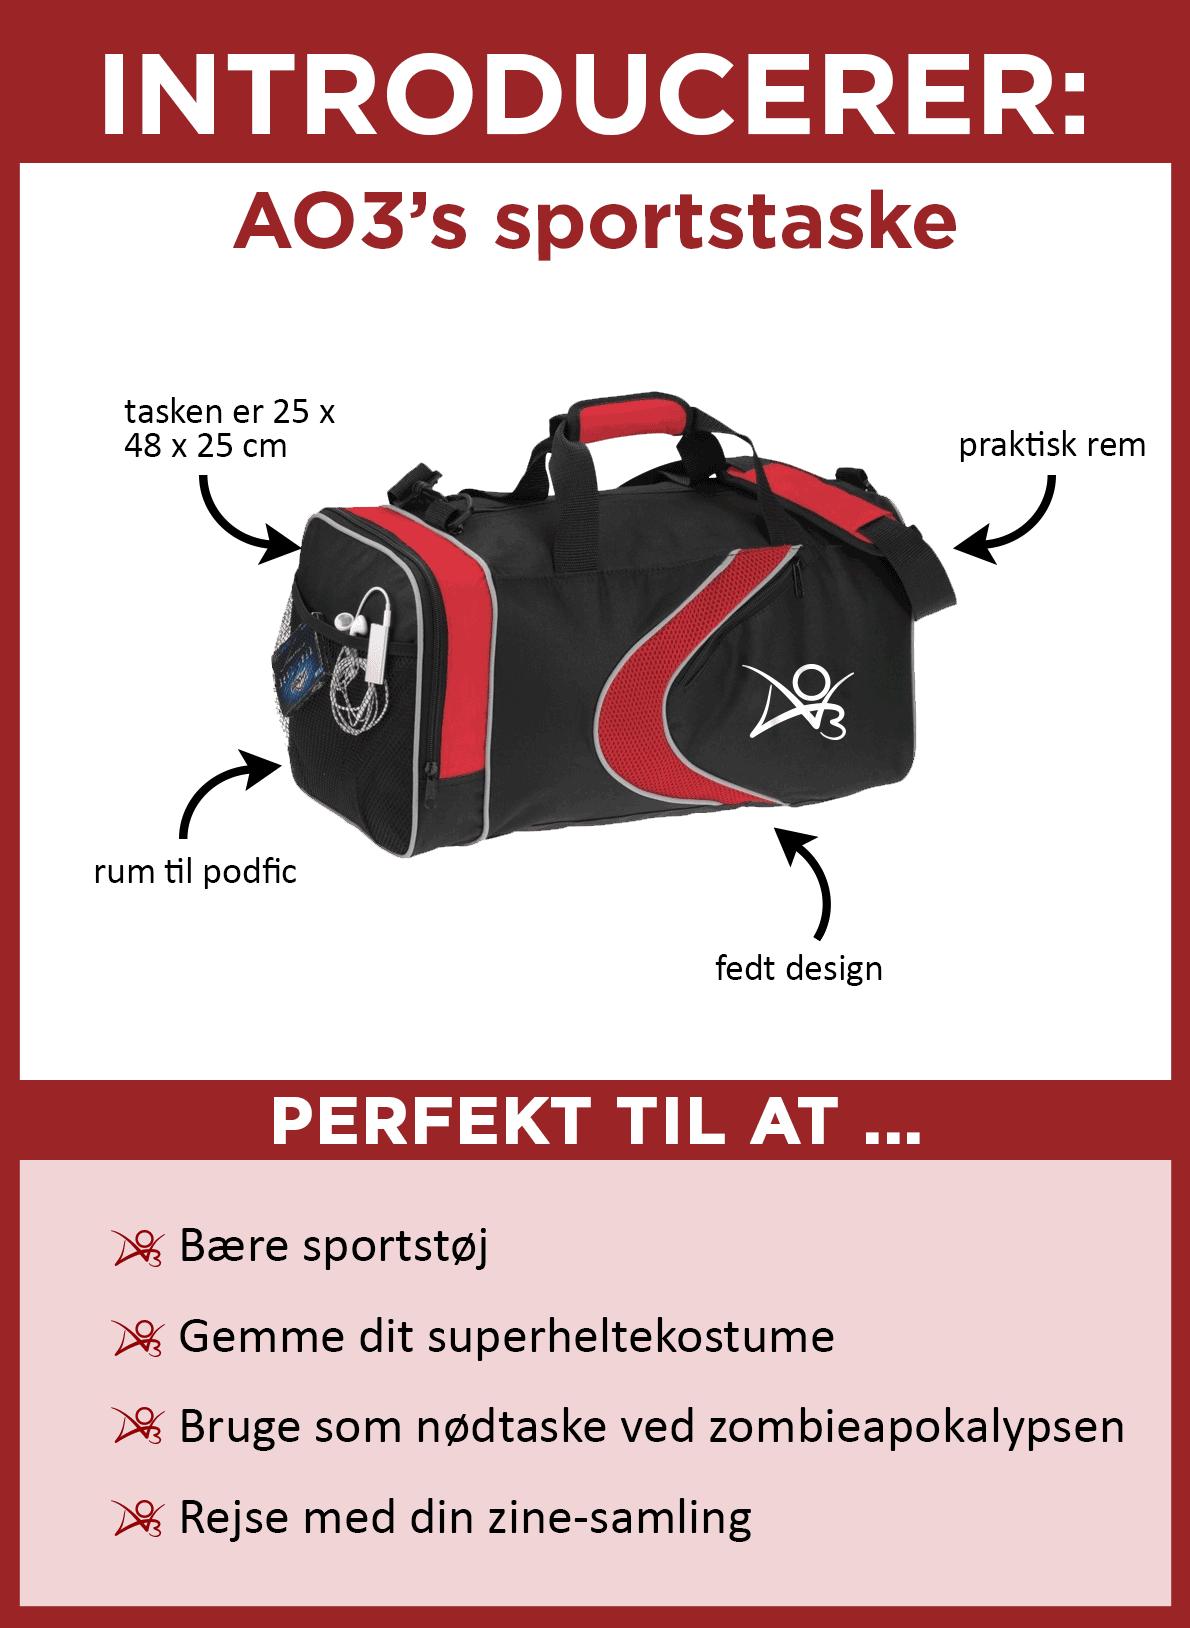 Vi introducerer AO3-sportstasken. Tasken er sort med røde detaljer, med et rødt strøg og et hvidt AO3-logo på siden. Den måler 25 x 48 x 25 centimeter. Den har en praktisk skulderrem og en sidelomme i net, der passer lige til at opbevare podfics. Den er perfekt til at opbevare træningstøj, gemme dit superheltekostume, bruge som nødtaske til zombieapokalypsen og til at rejse med din fanzine-samling.